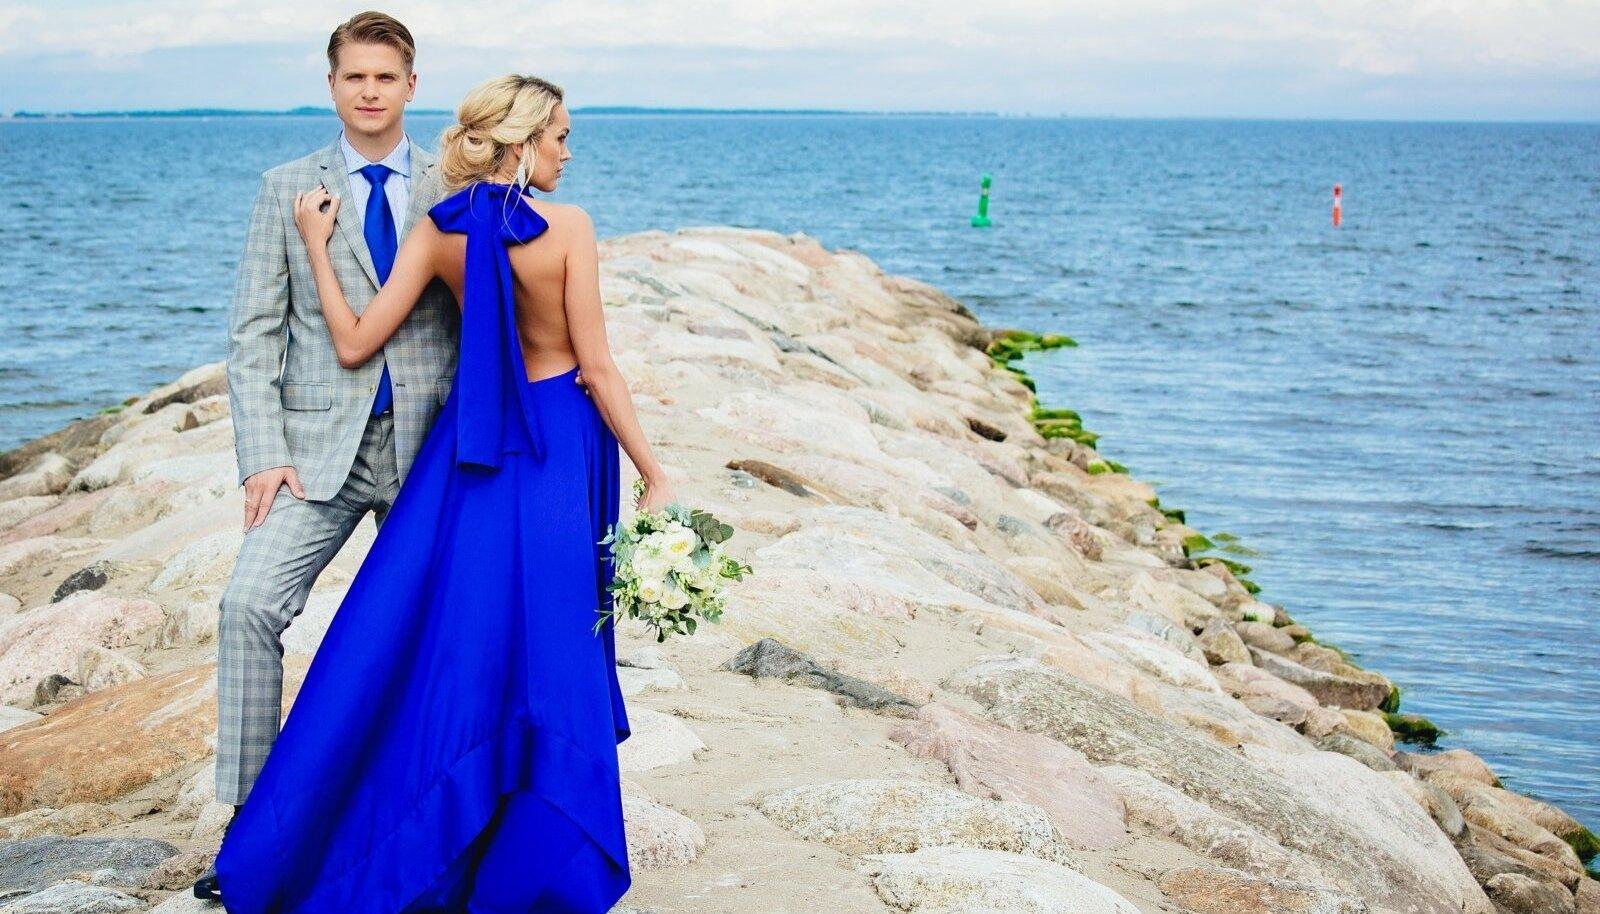 Merekohin ja teie kaks... Unustage valge kleit ja must ülikond – mereteemalises pulmas on lubatud nii palju enam! Riietu kas või sinisesse…Kleit 380.- Iris Janvier, kingad 99.- Shoeshop, kõrvarõngad 129.- Soma. Pintsak 199.90, ülikonnapüksid 99.90, triiksärk 79.90, lips 19.90 Baltman, kingad 99.- Shoeshop